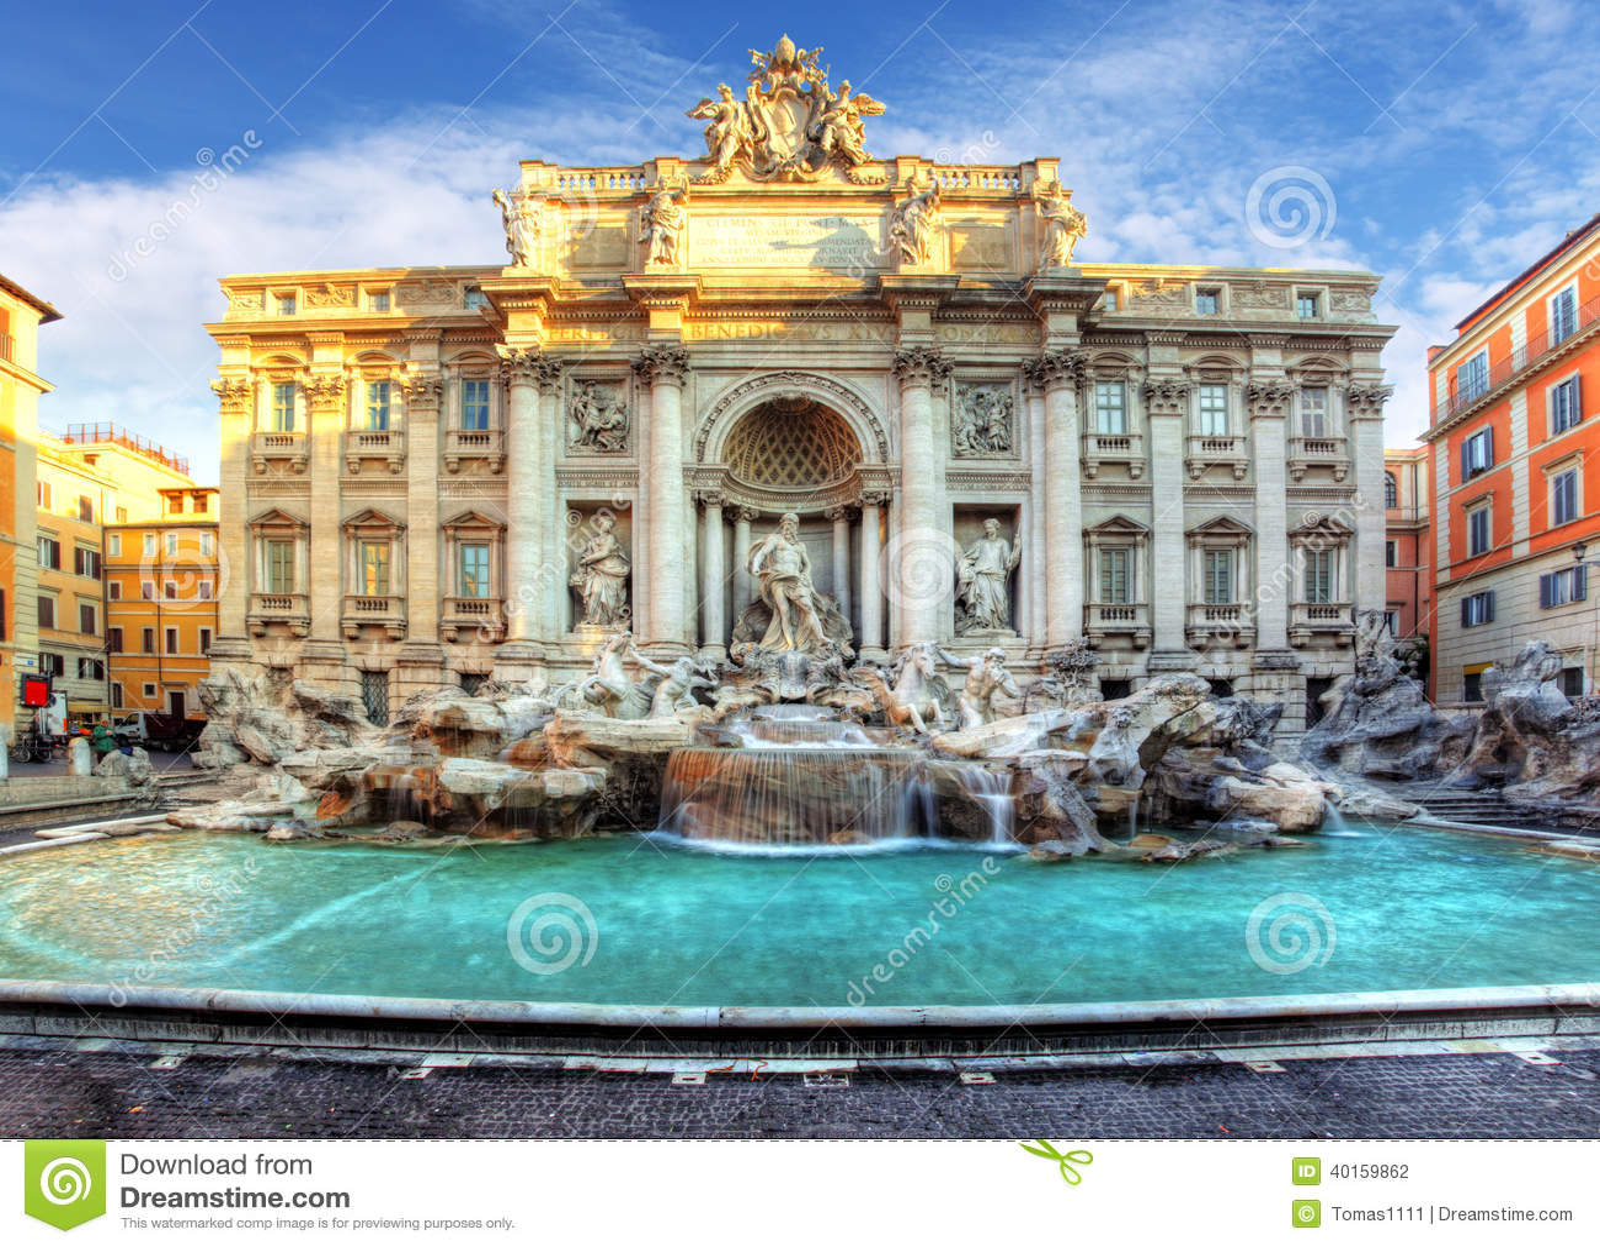 Fontana di Trevi, Roma, Italia.